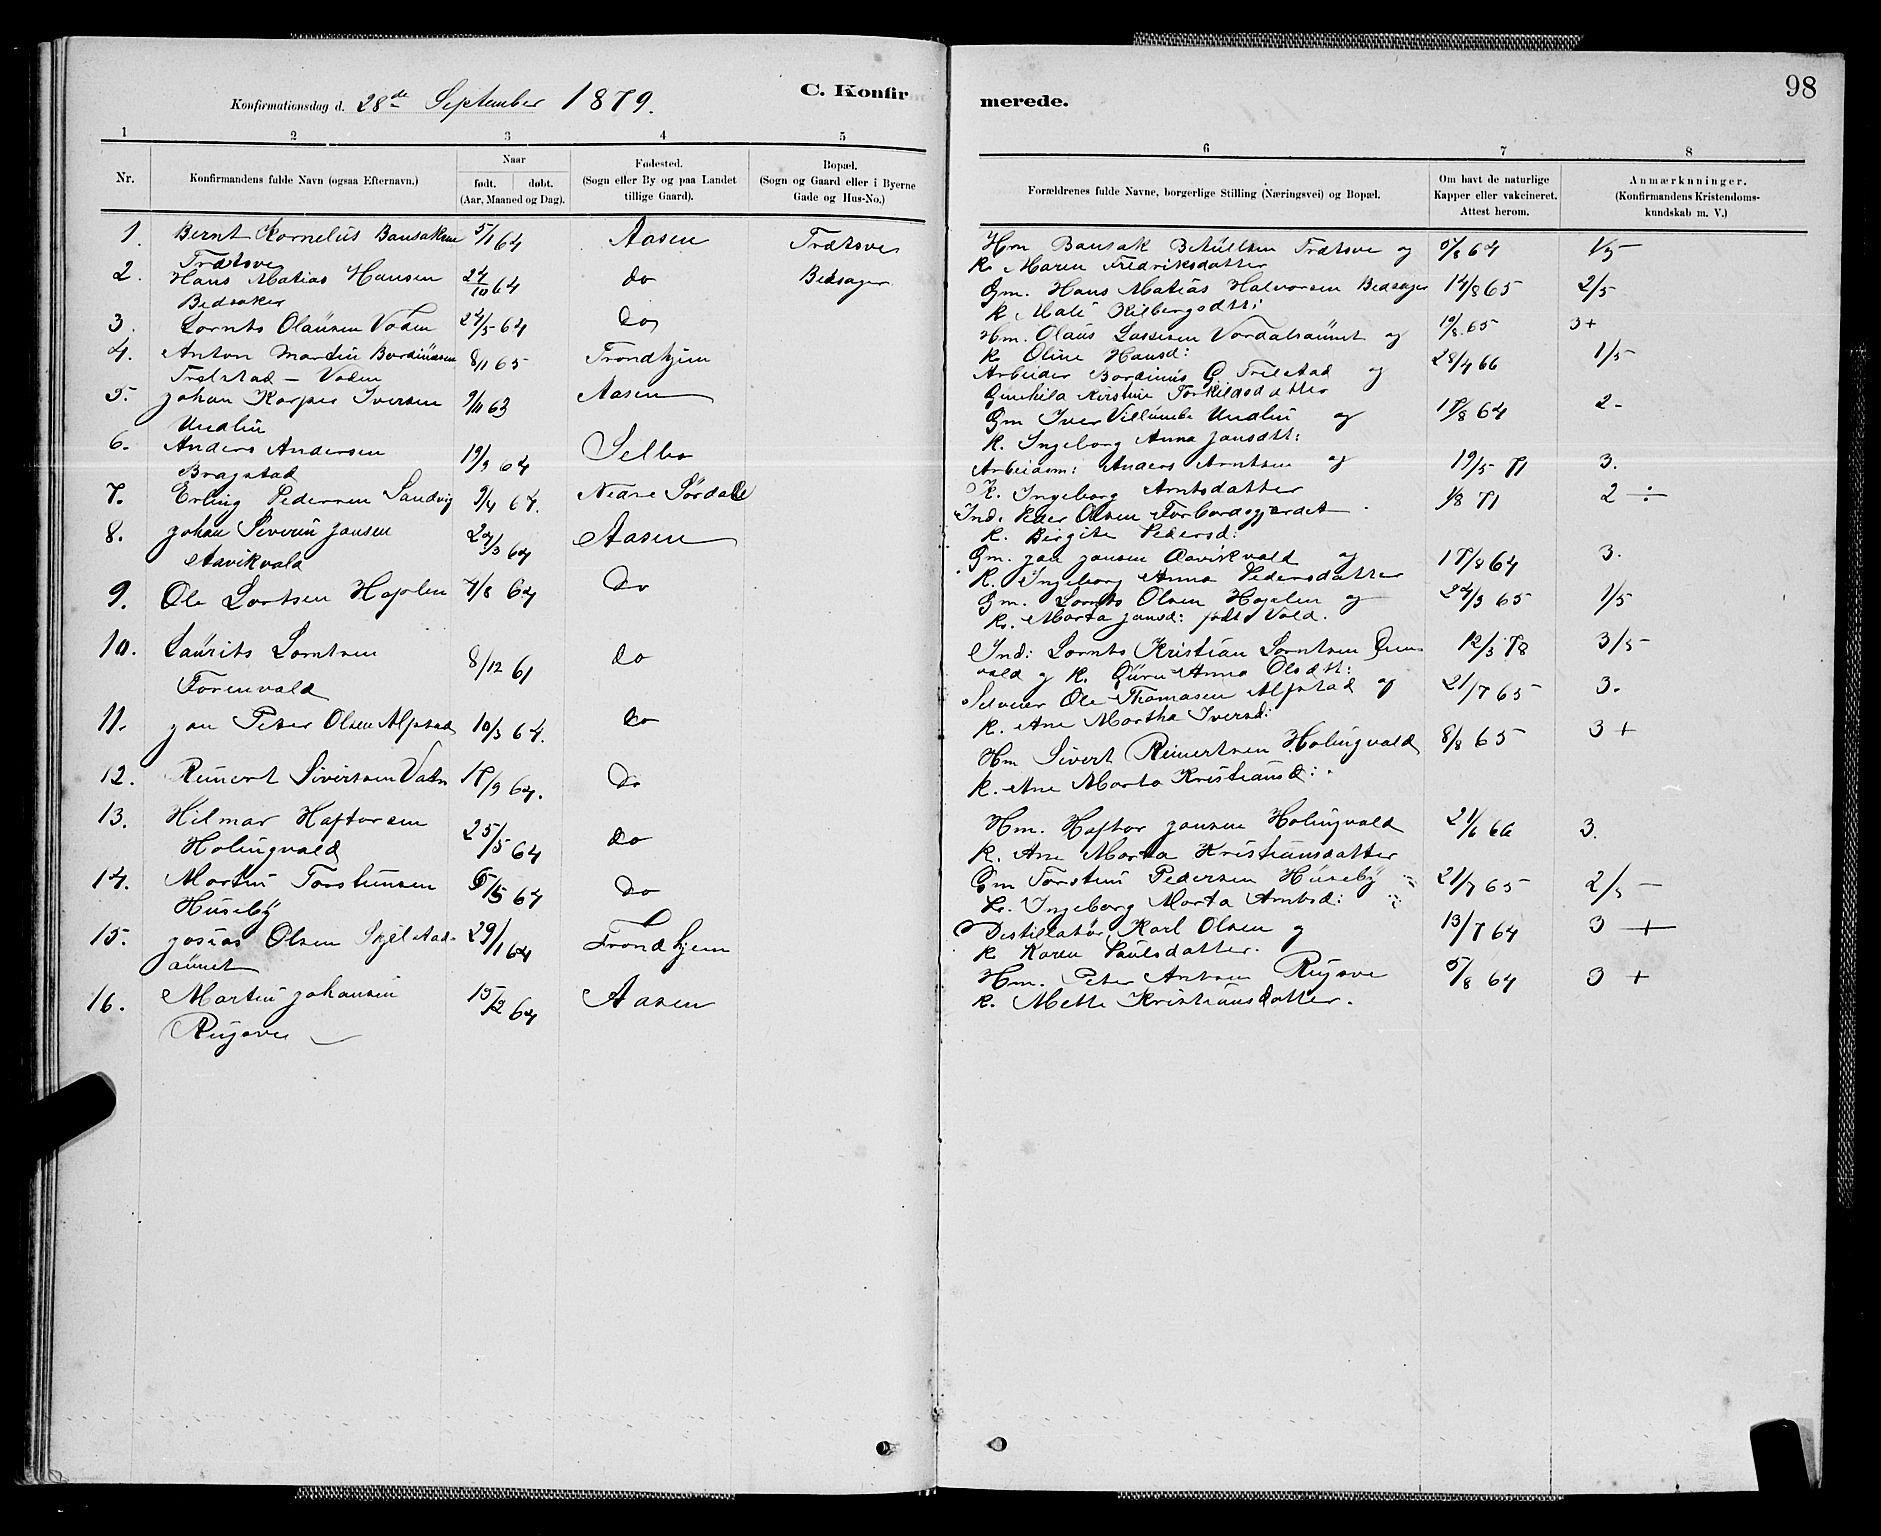 SAT, Ministerialprotokoller, klokkerbøker og fødselsregistre - Nord-Trøndelag, 714/L0134: Klokkerbok nr. 714C03, 1878-1898, s. 98